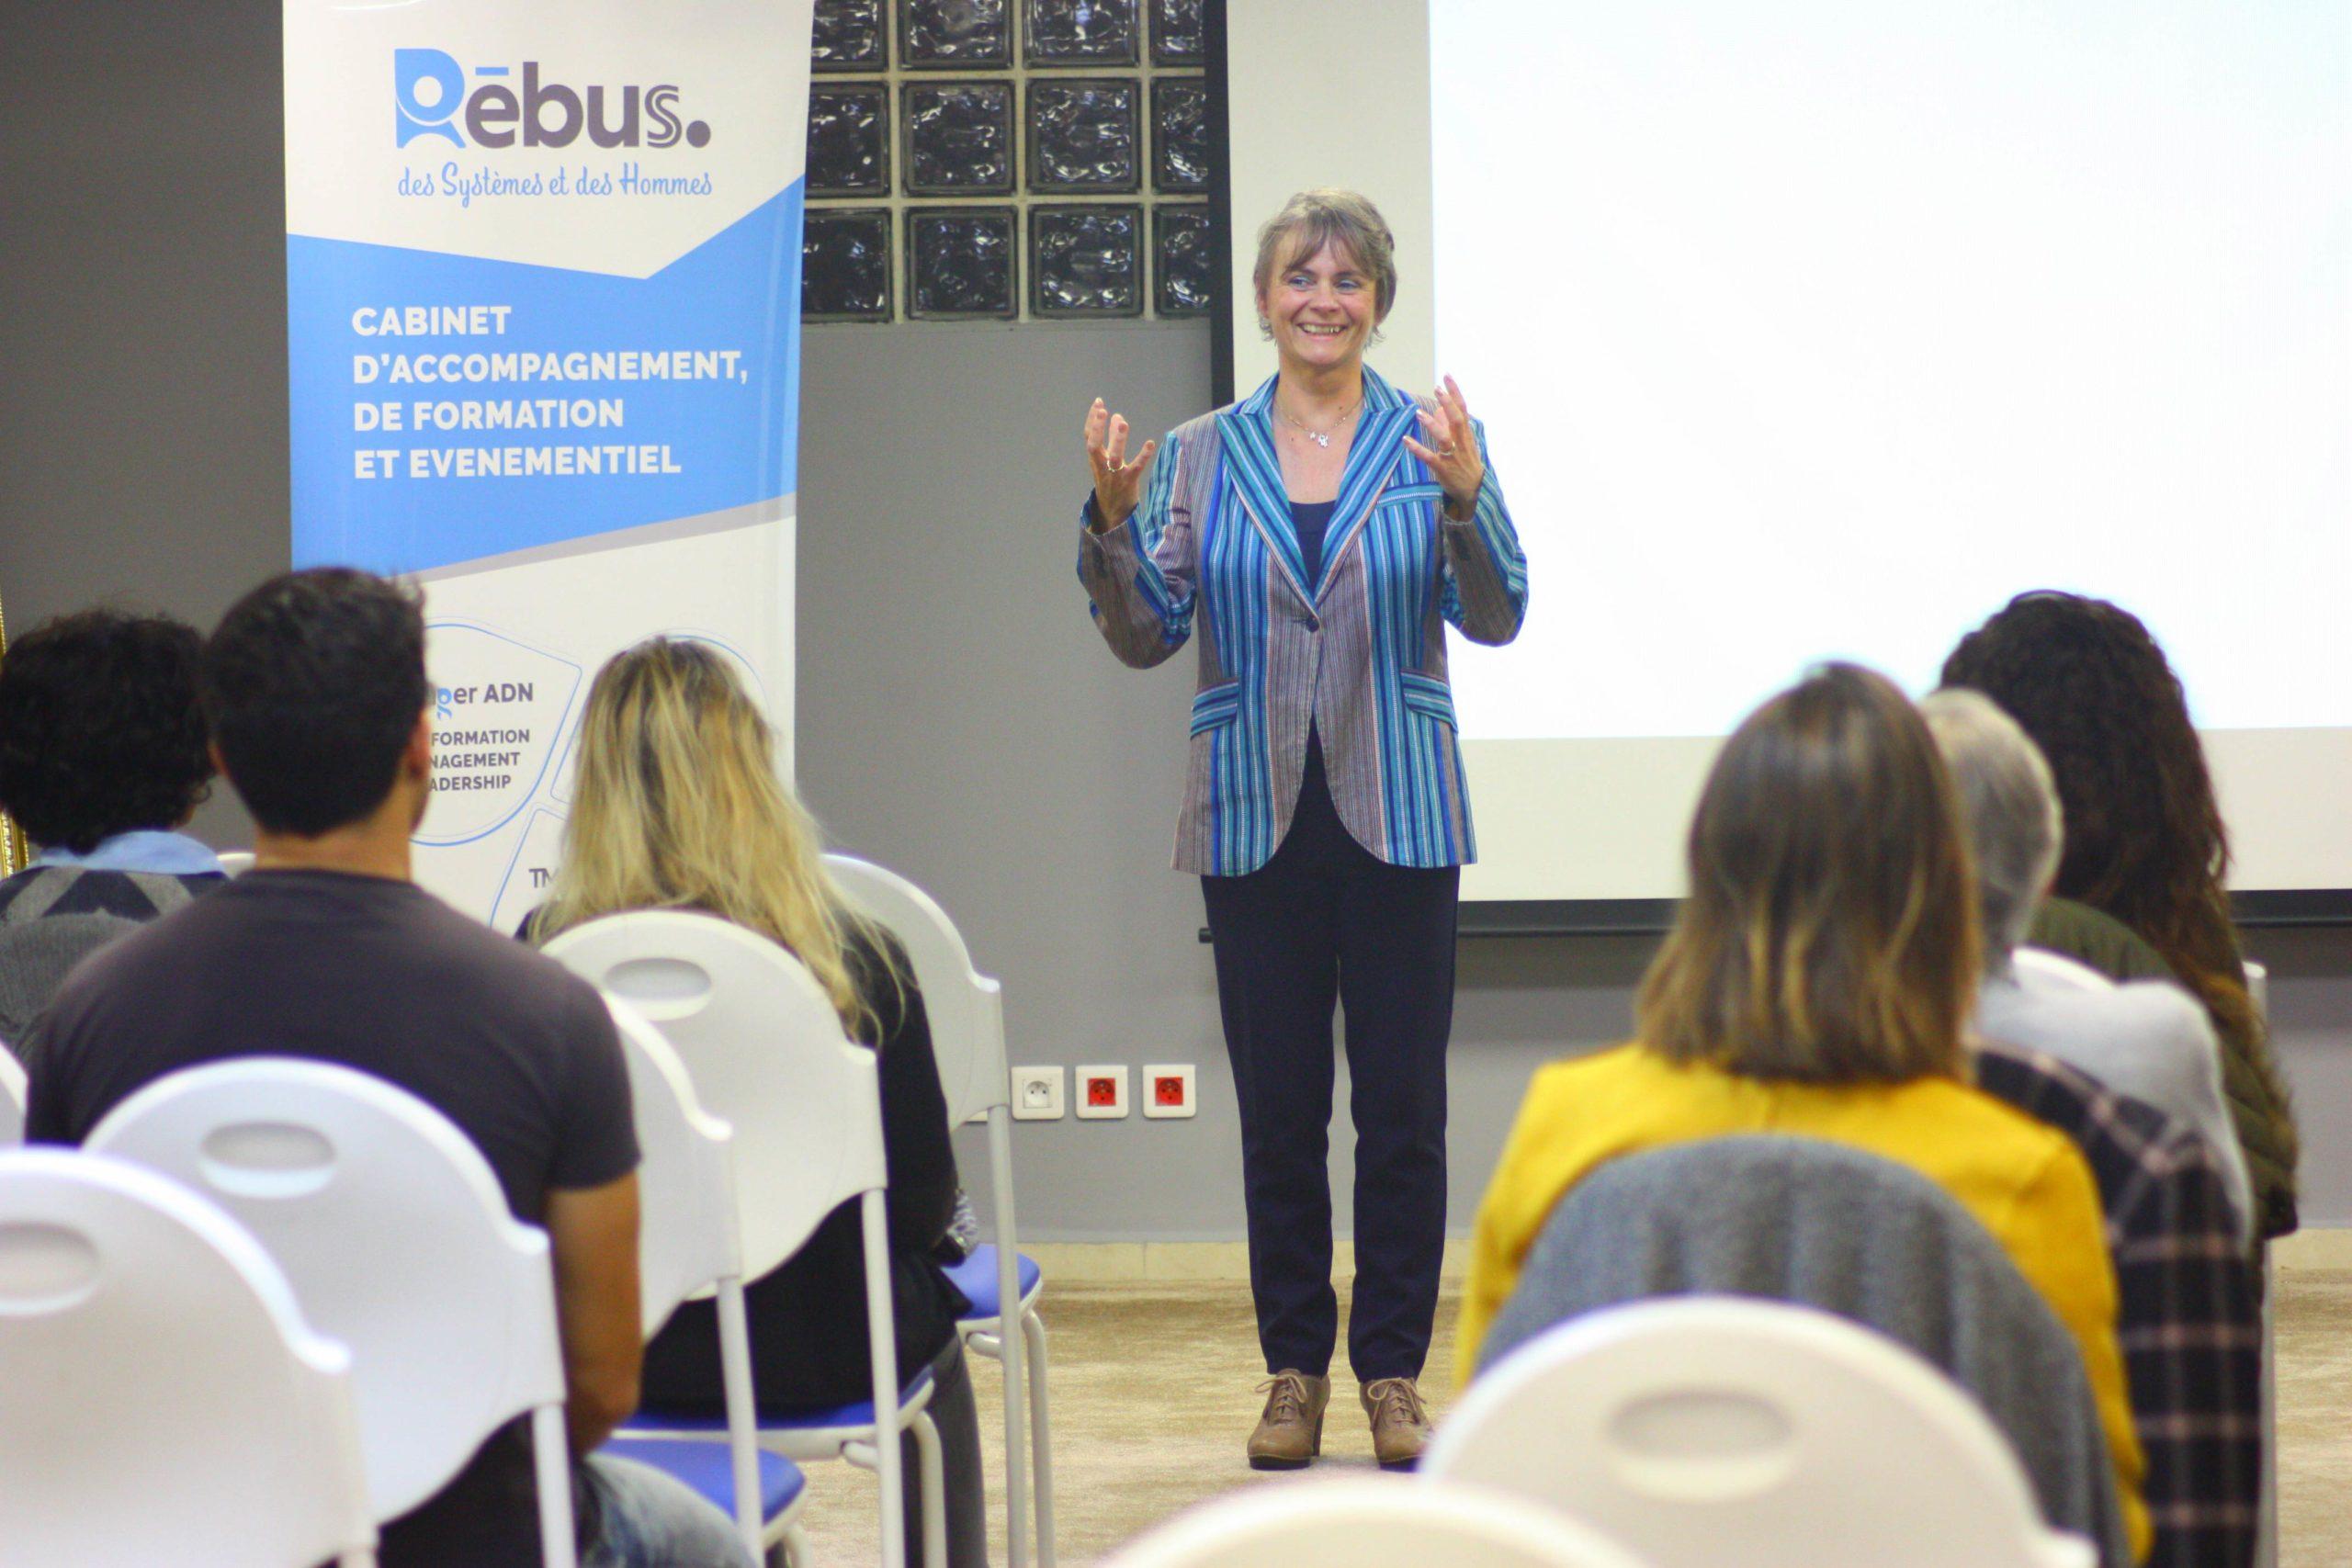 Accéder au bonheur de vivre - Conférence inspirationnelle - Irène Saunier